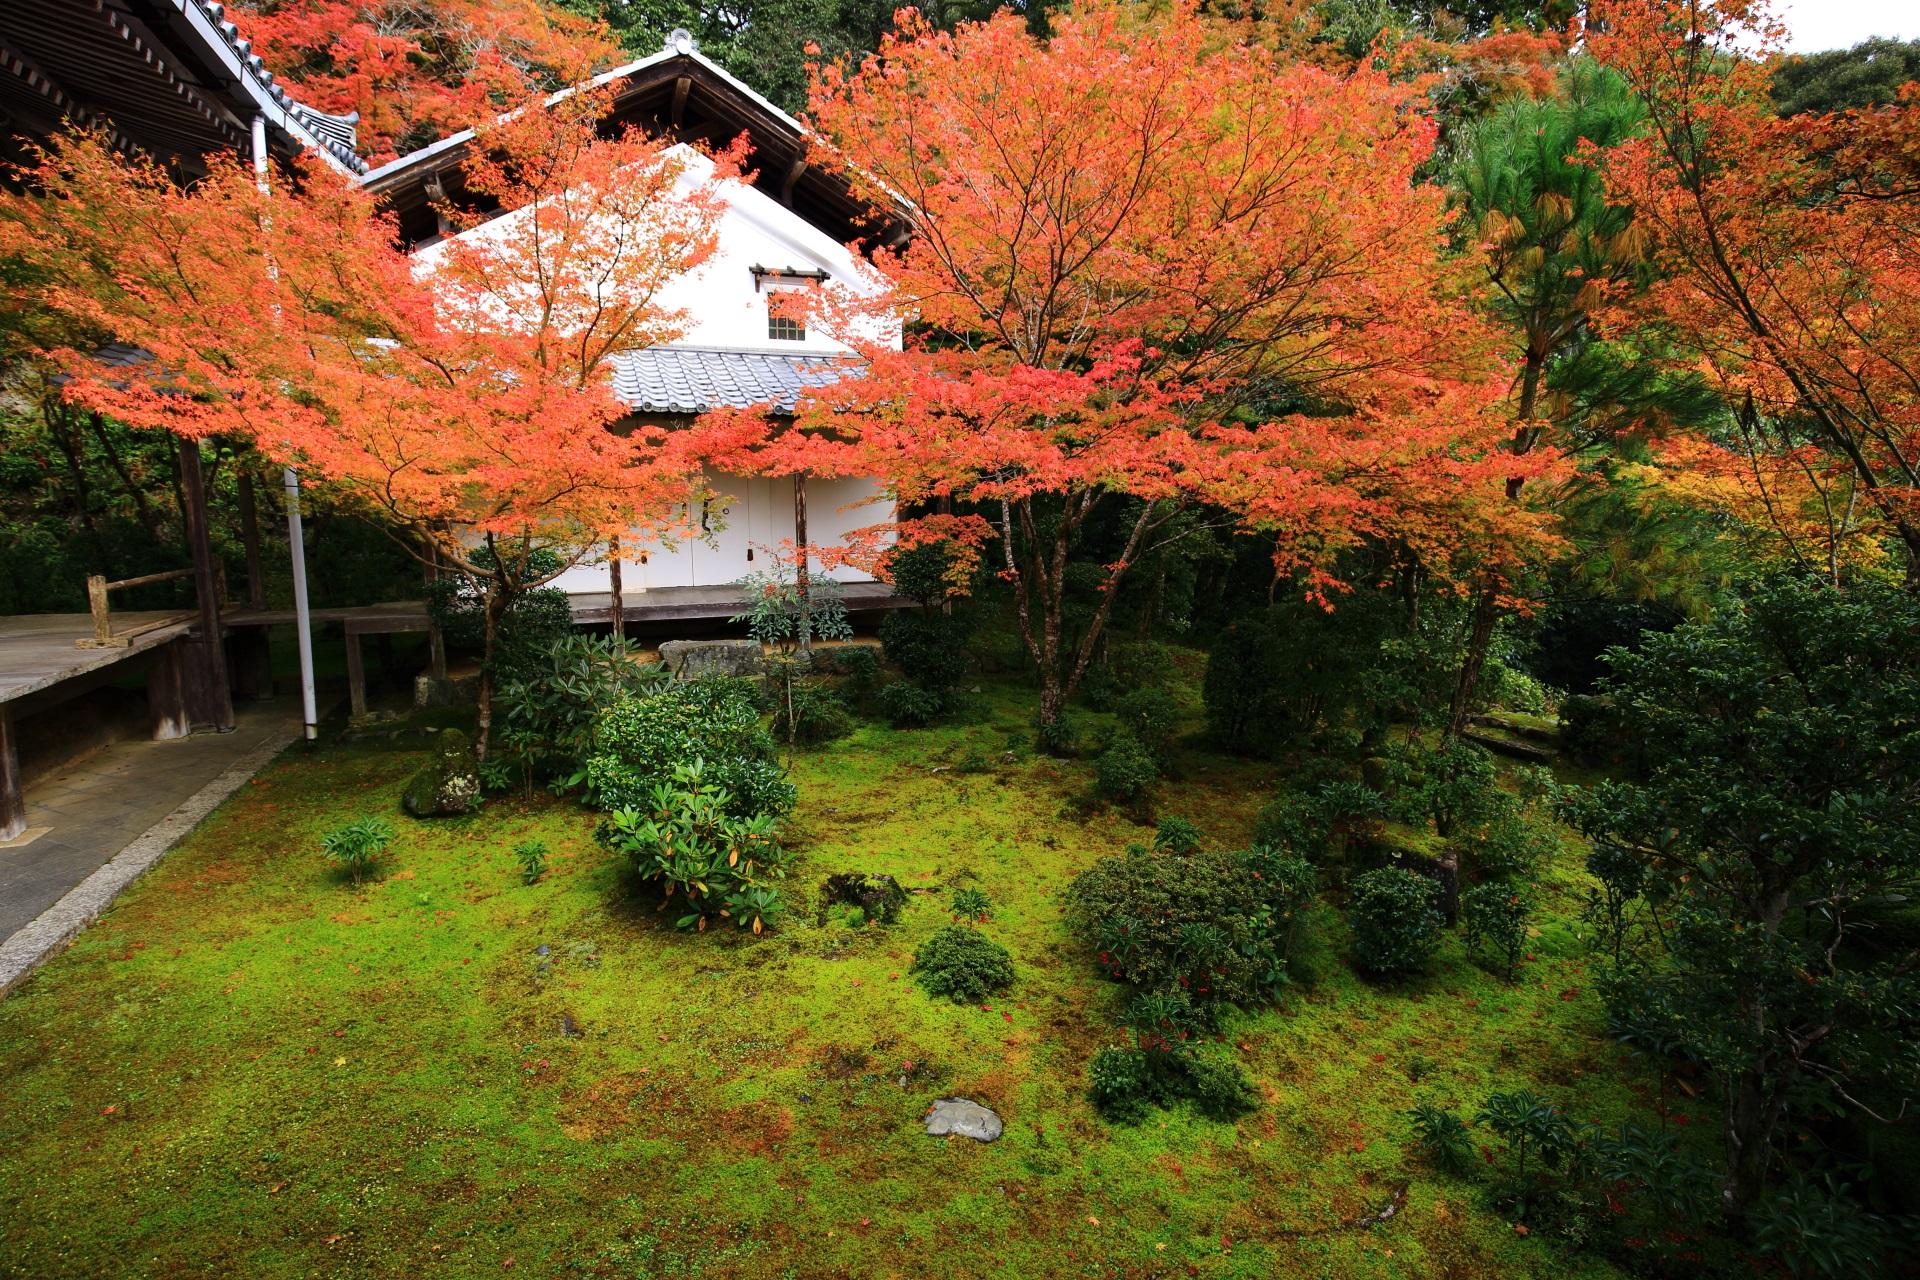 西明寺の素晴らしい紅葉と秋の情景